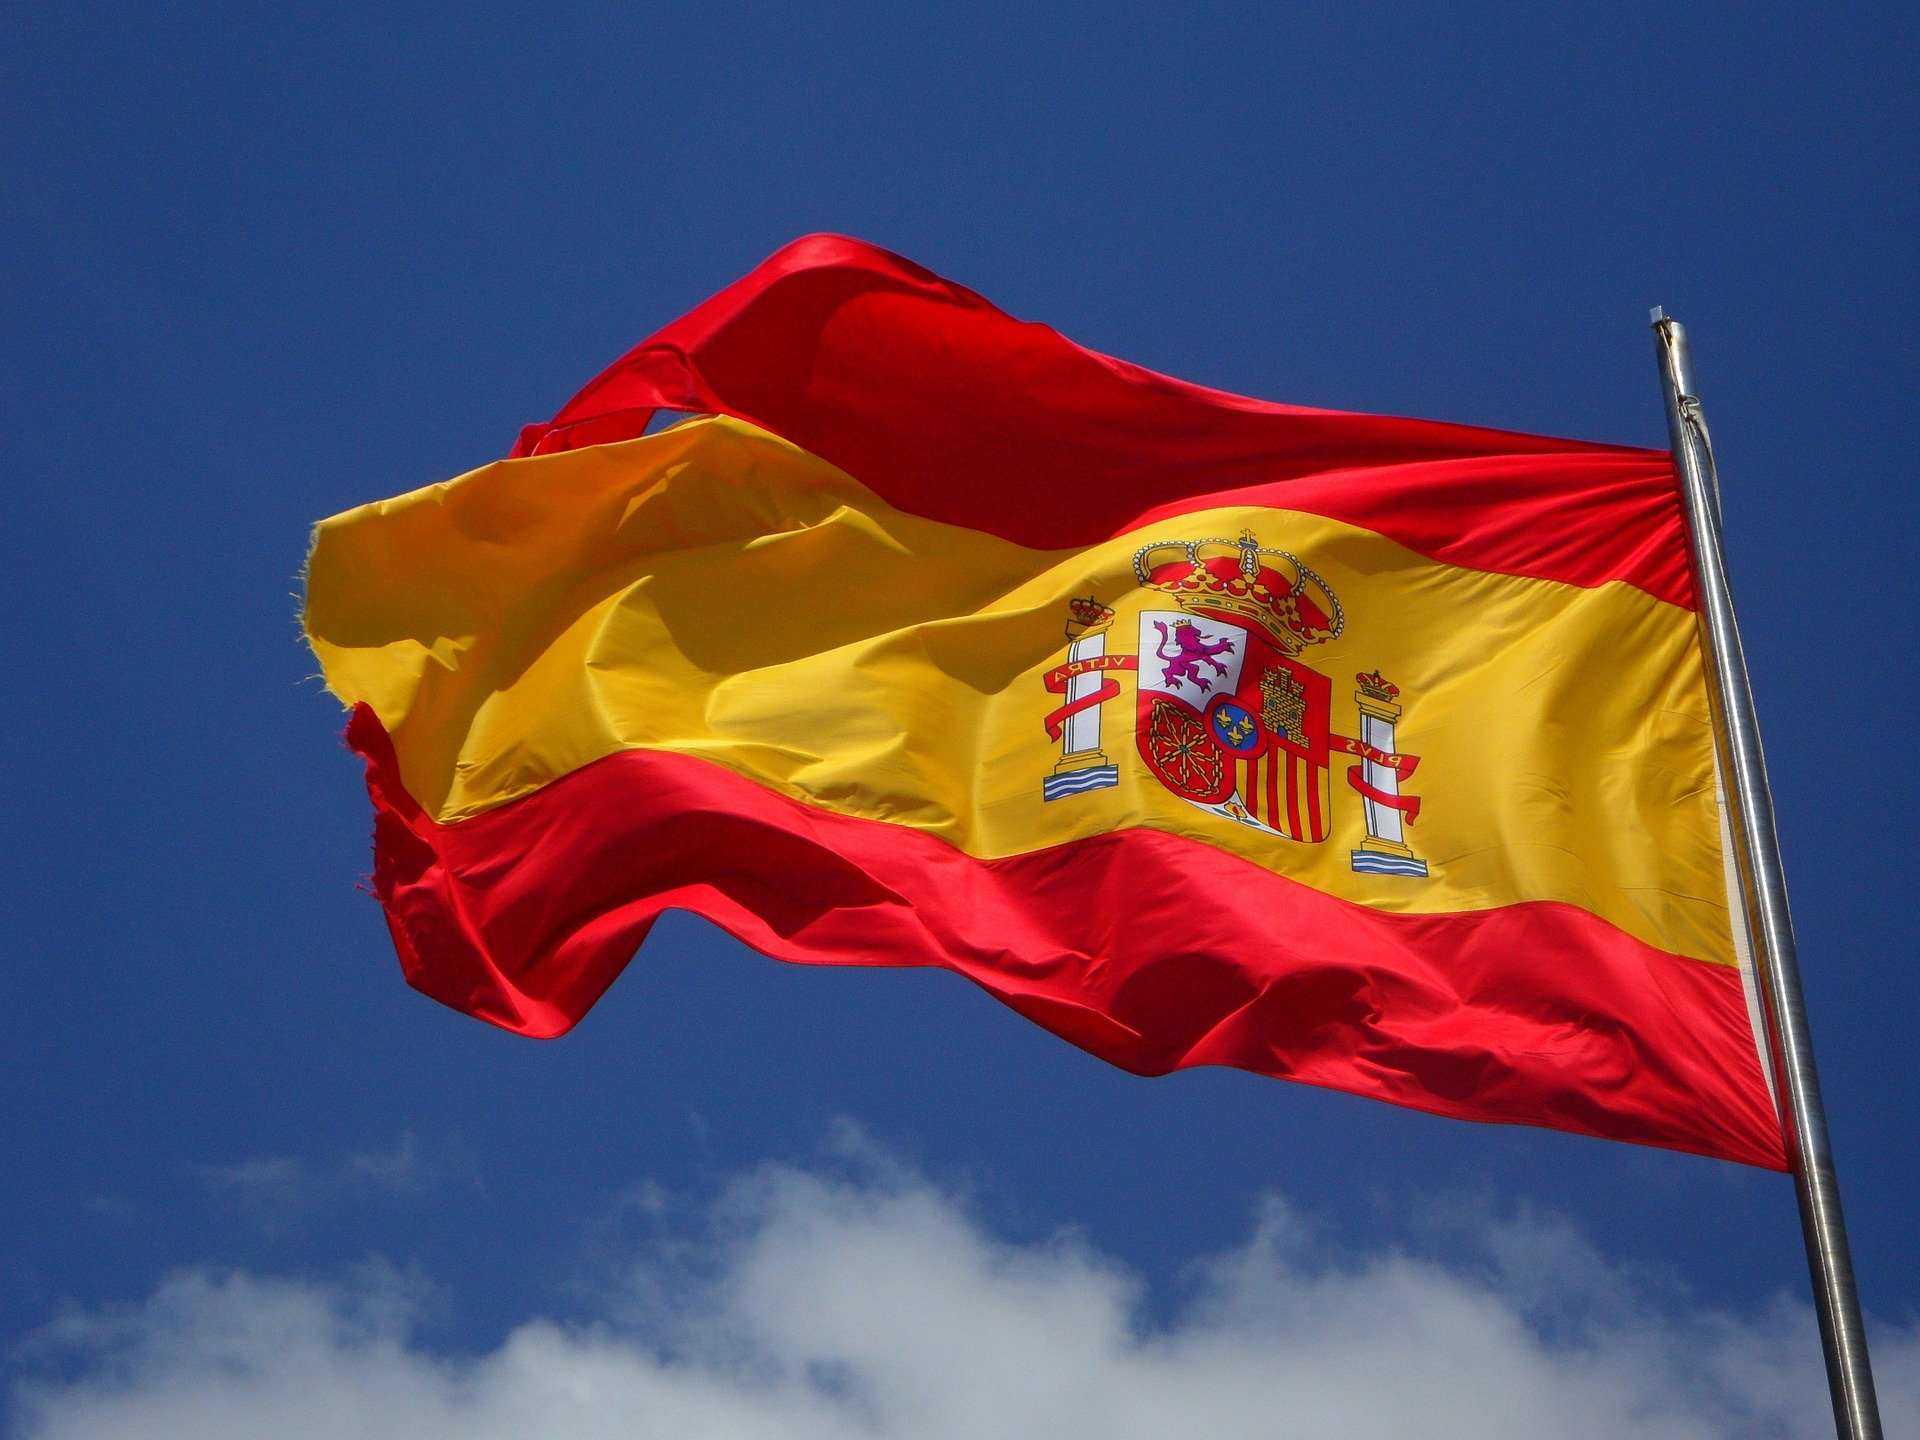 Législation espagnole sur le cannabis